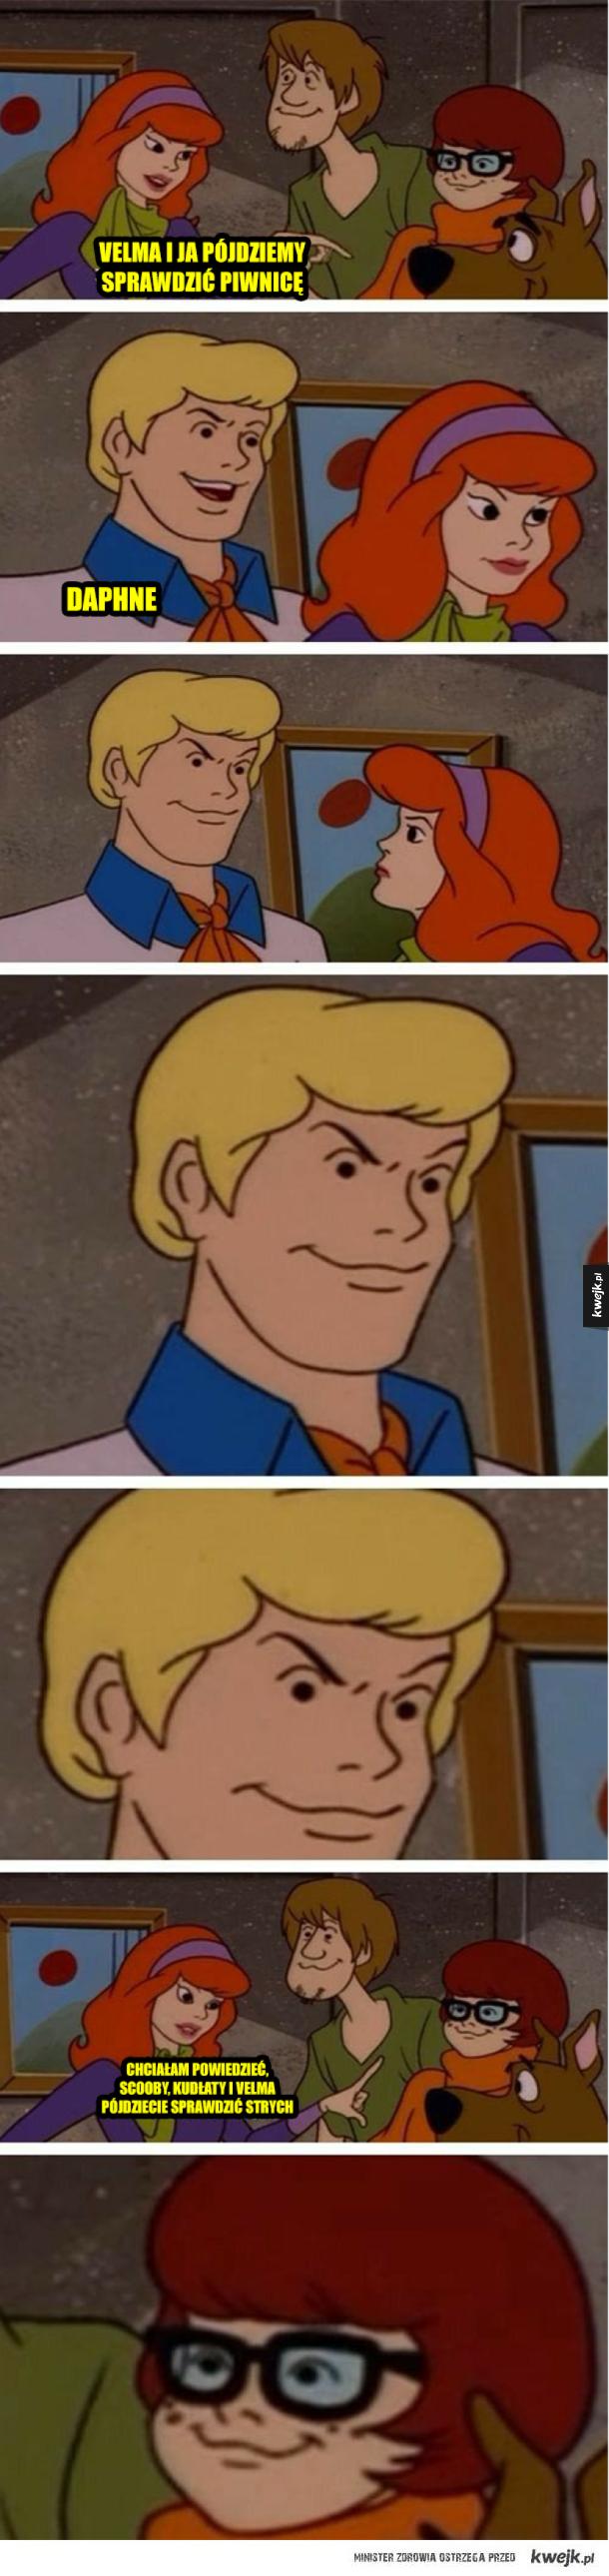 Gdzie jesteś Scooby-doo...